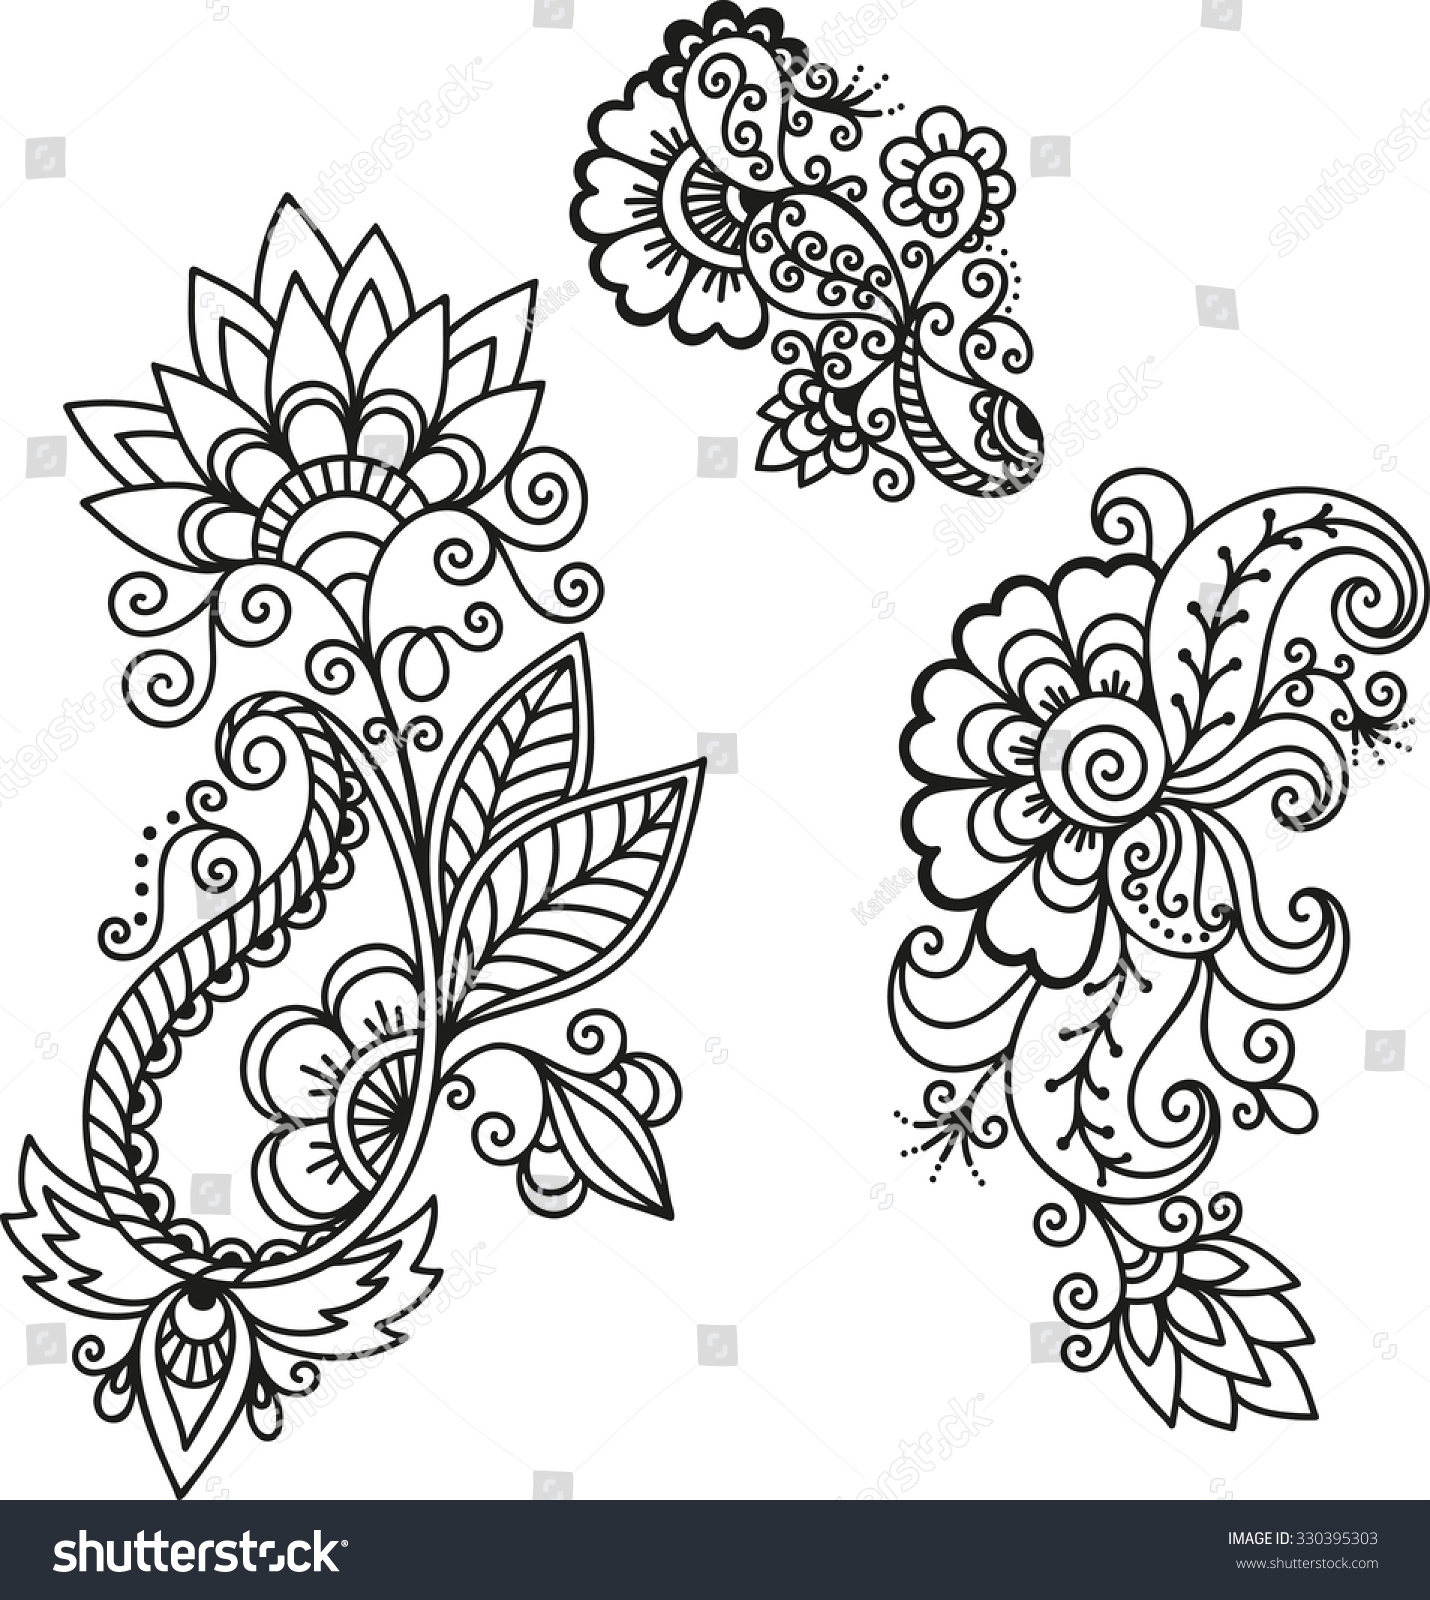 Henna Tattoo Vector: Henna Tattoo Flower Templatemehndi Stock Vector 330395303